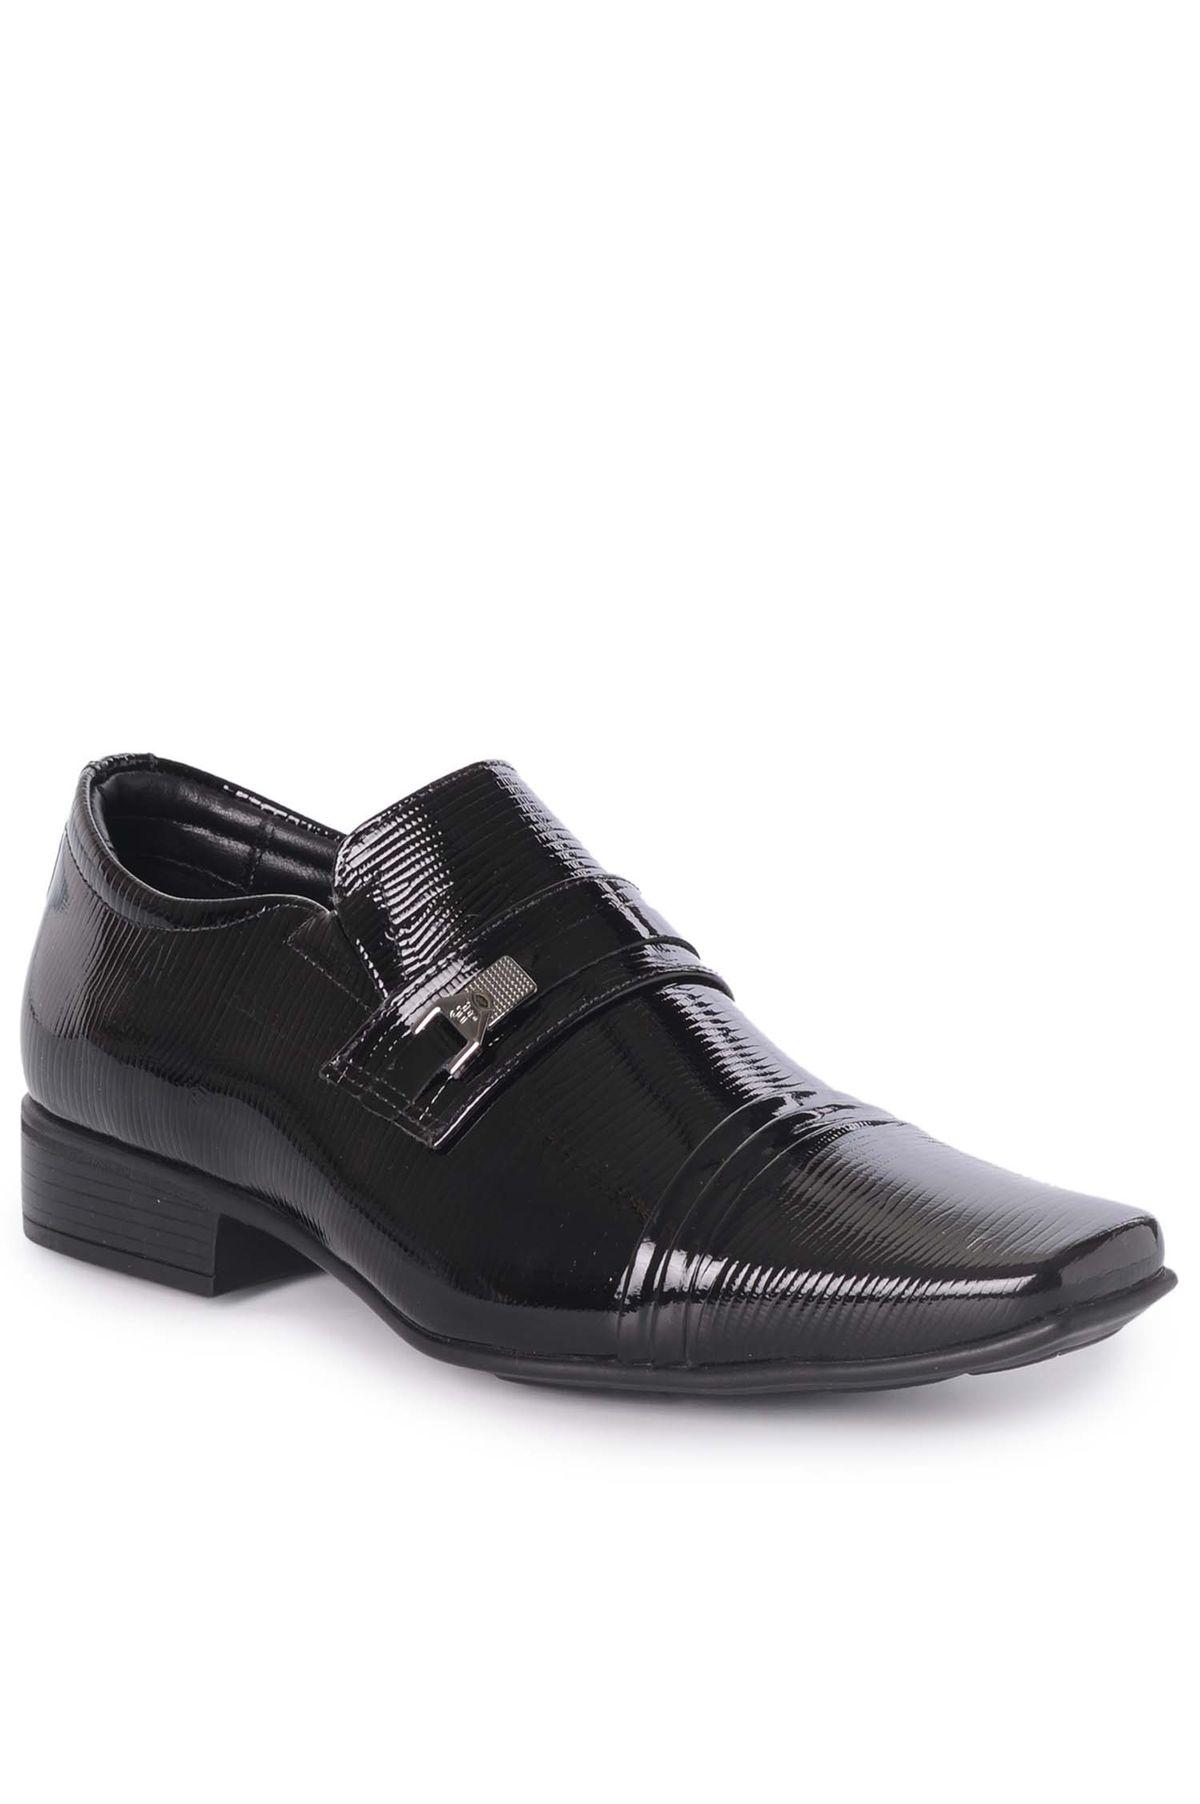 76132e455 Sapato Masculino Jota Pe Air Prince   Mundial Calçados - Mundial ...